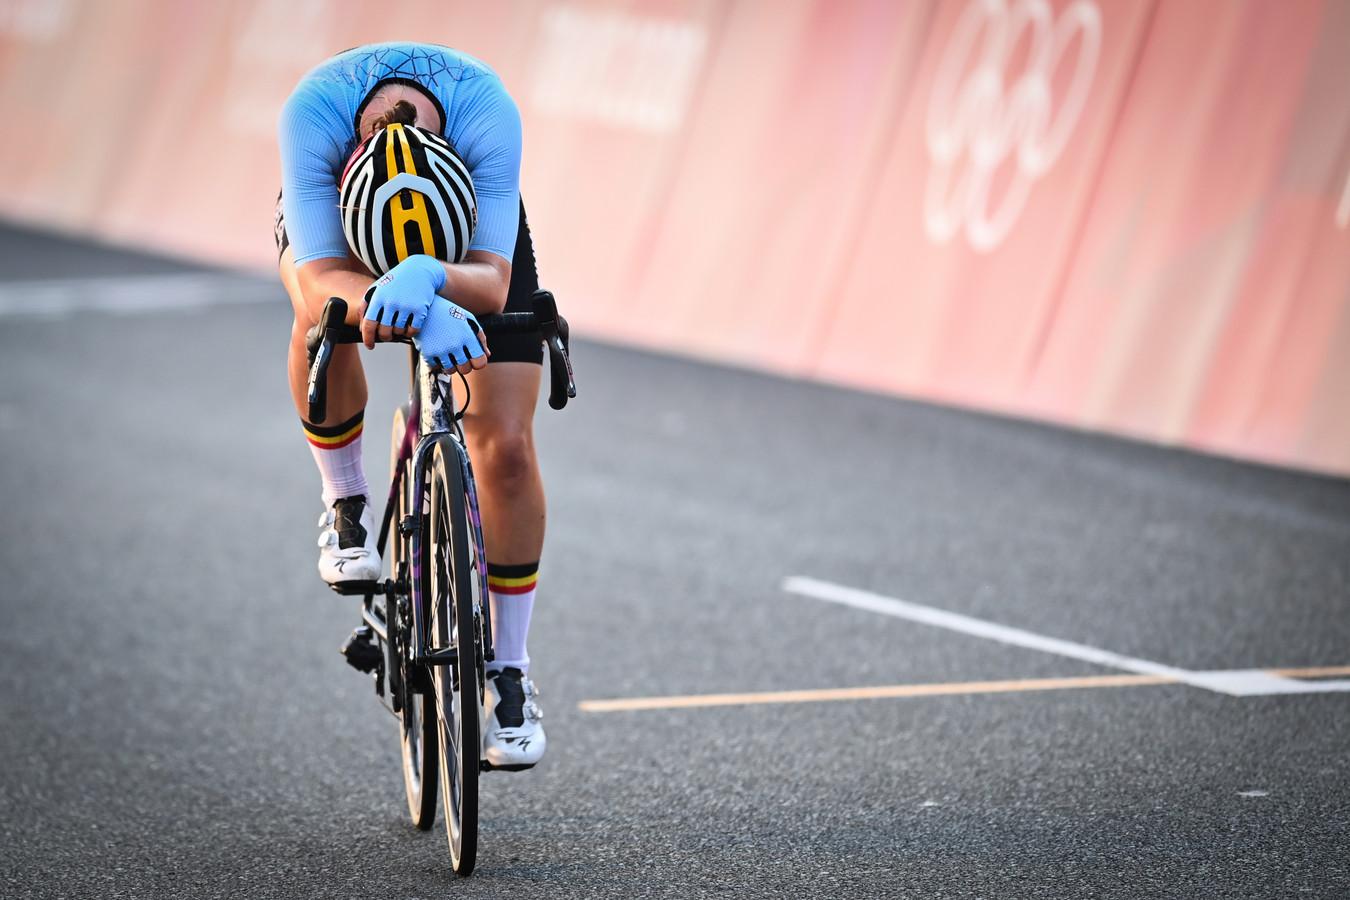 Il n'a manqué que quelques secondes à Lotte Kopecky pour offrir à la Belgique une seconde médaille dans ces Jeux Olympiques. 2018